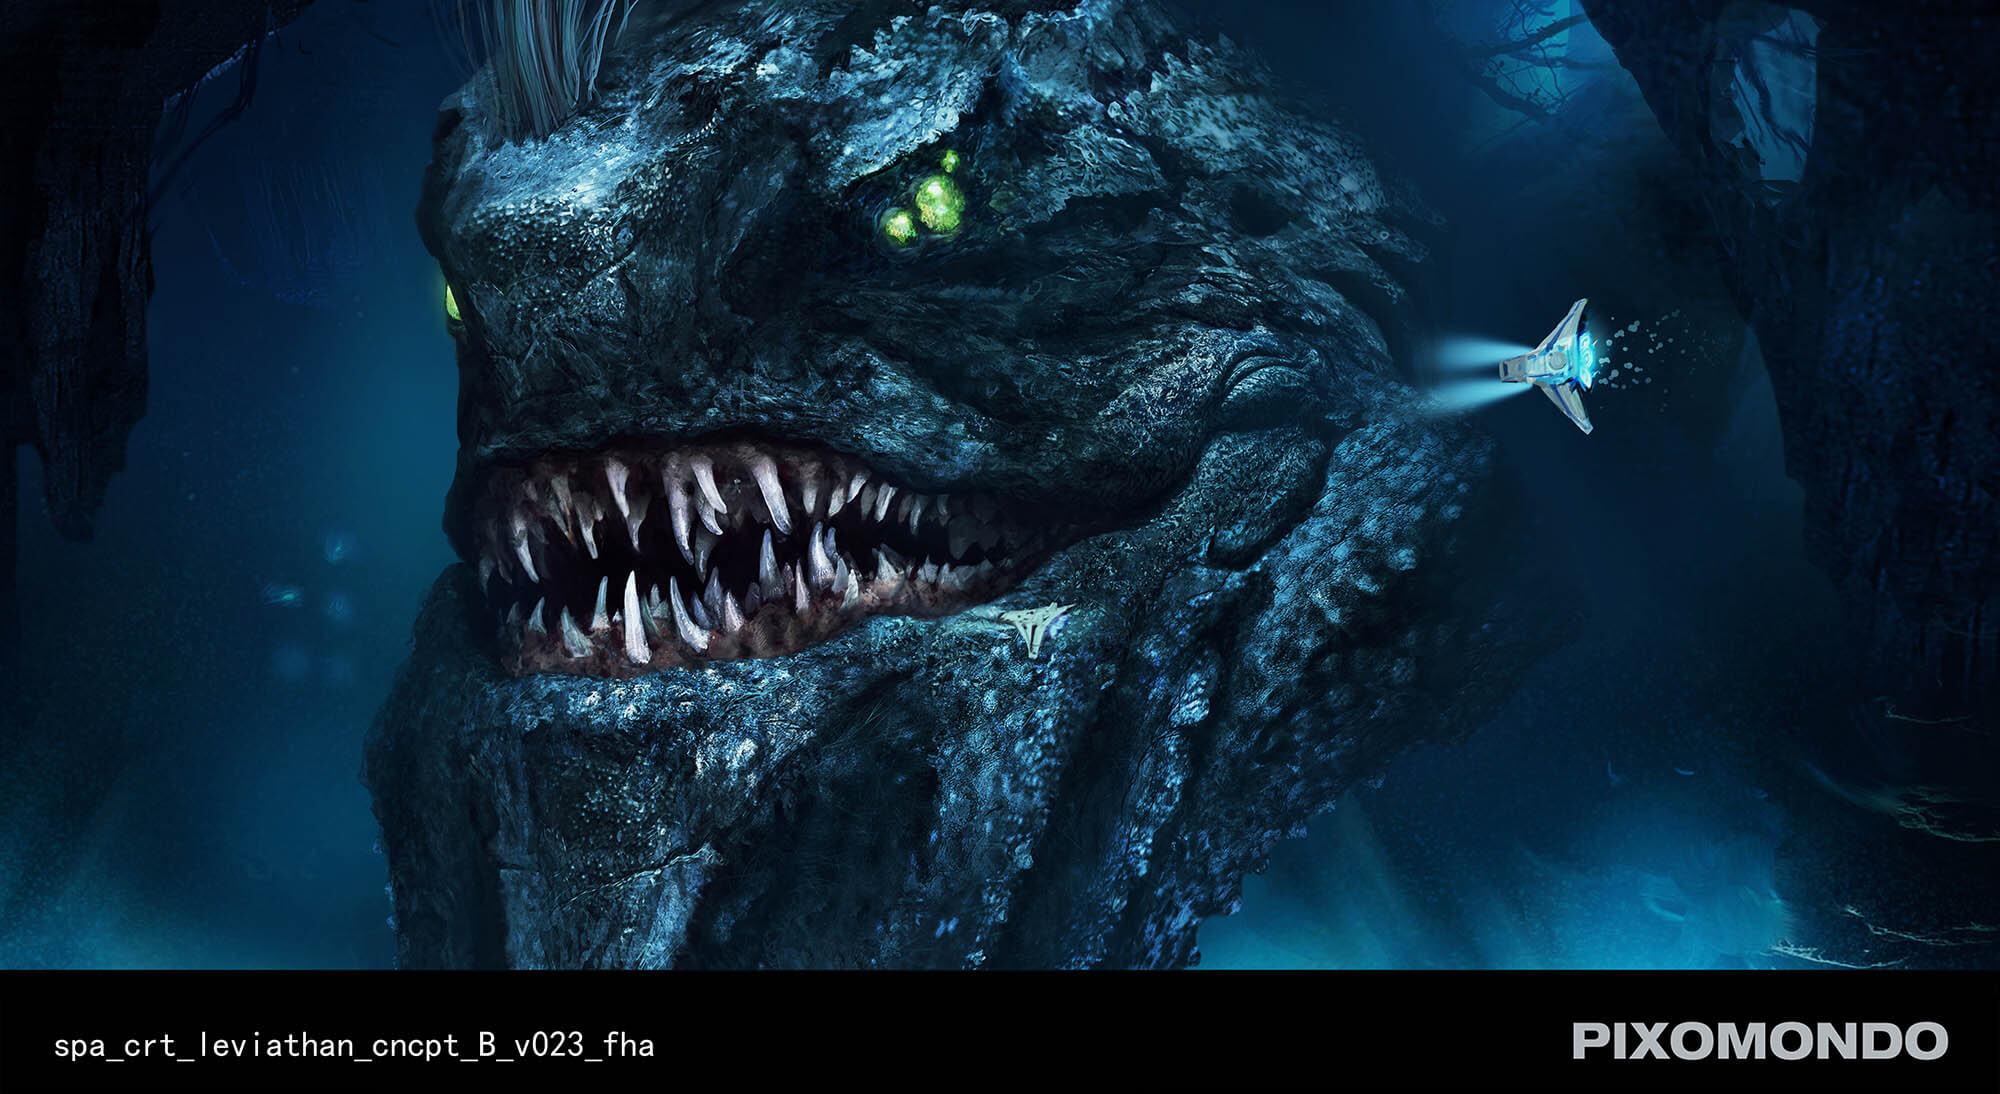 creature-concept-wanda-pixomondo-felix-botho-haas-leviathan-v023